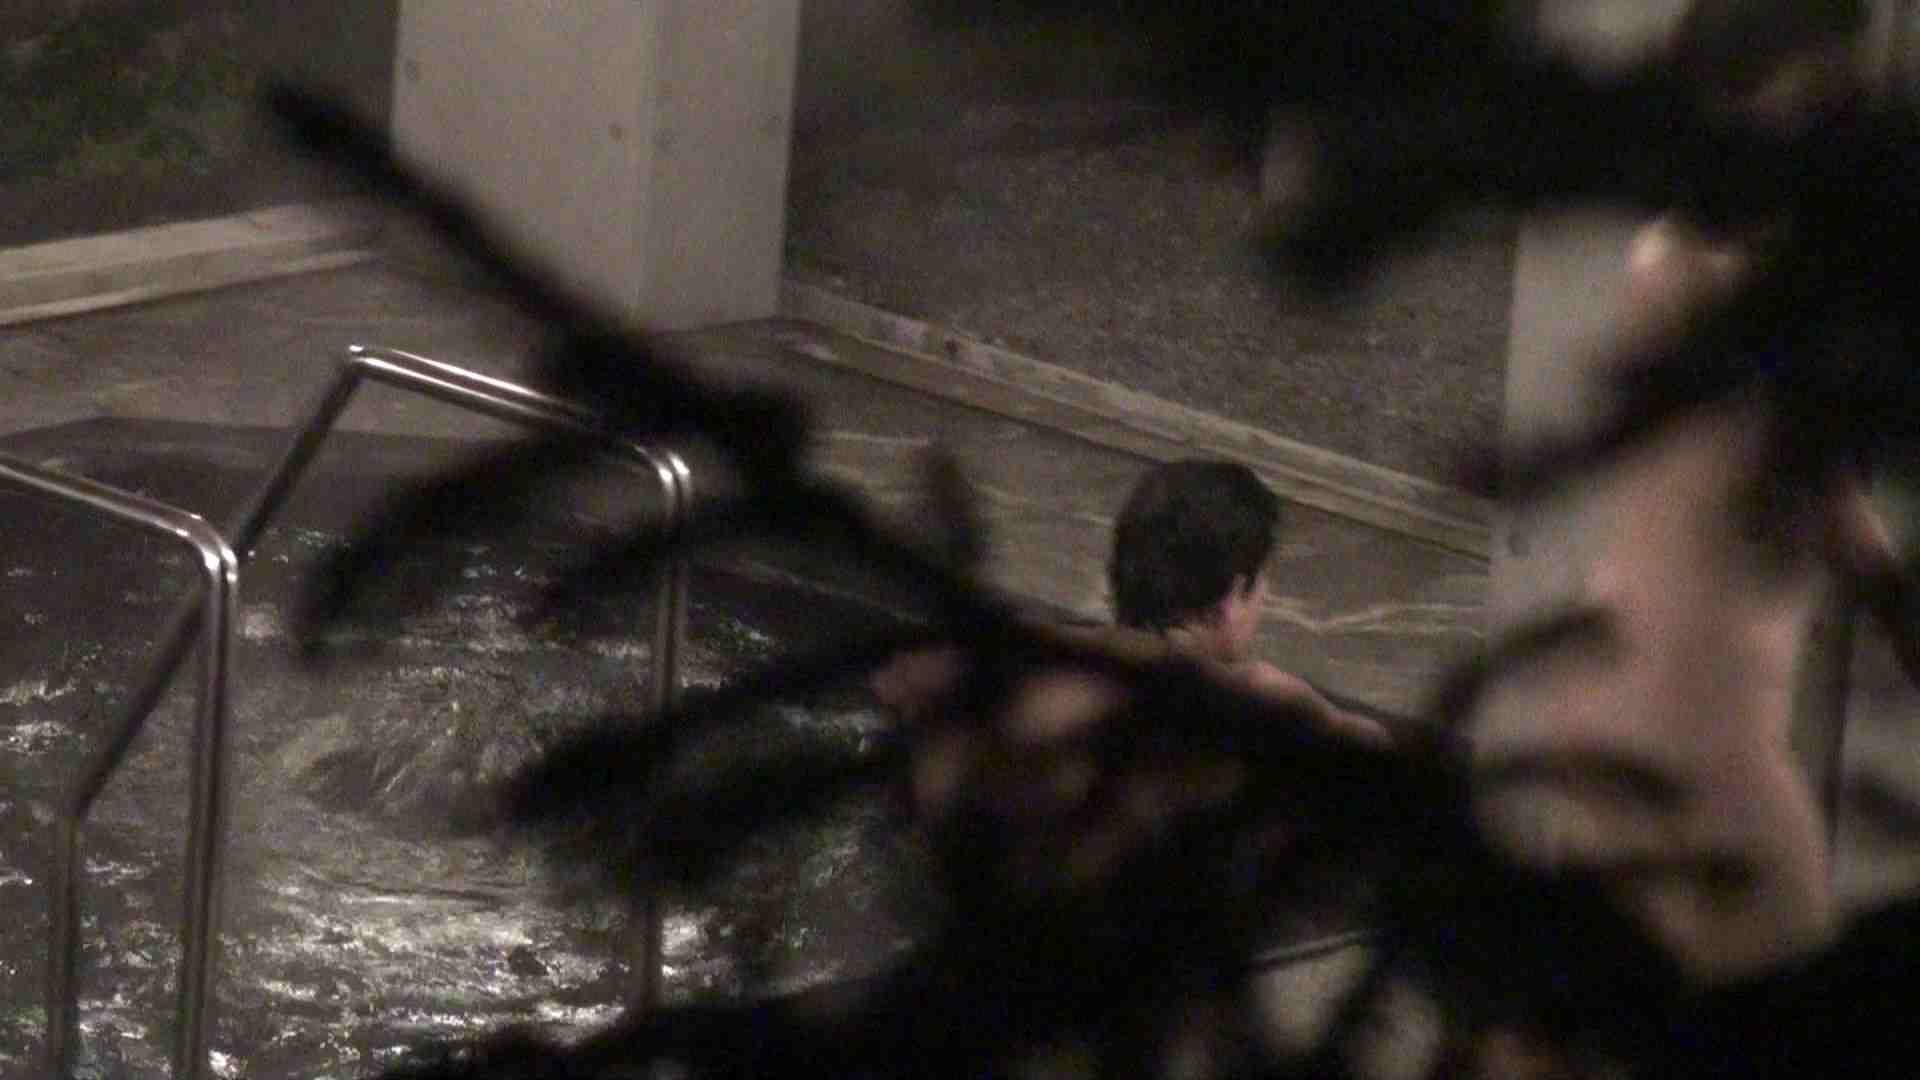 Aquaな露天風呂Vol.327 盗撮師作品 | 美しいOLの裸体  72pic 67